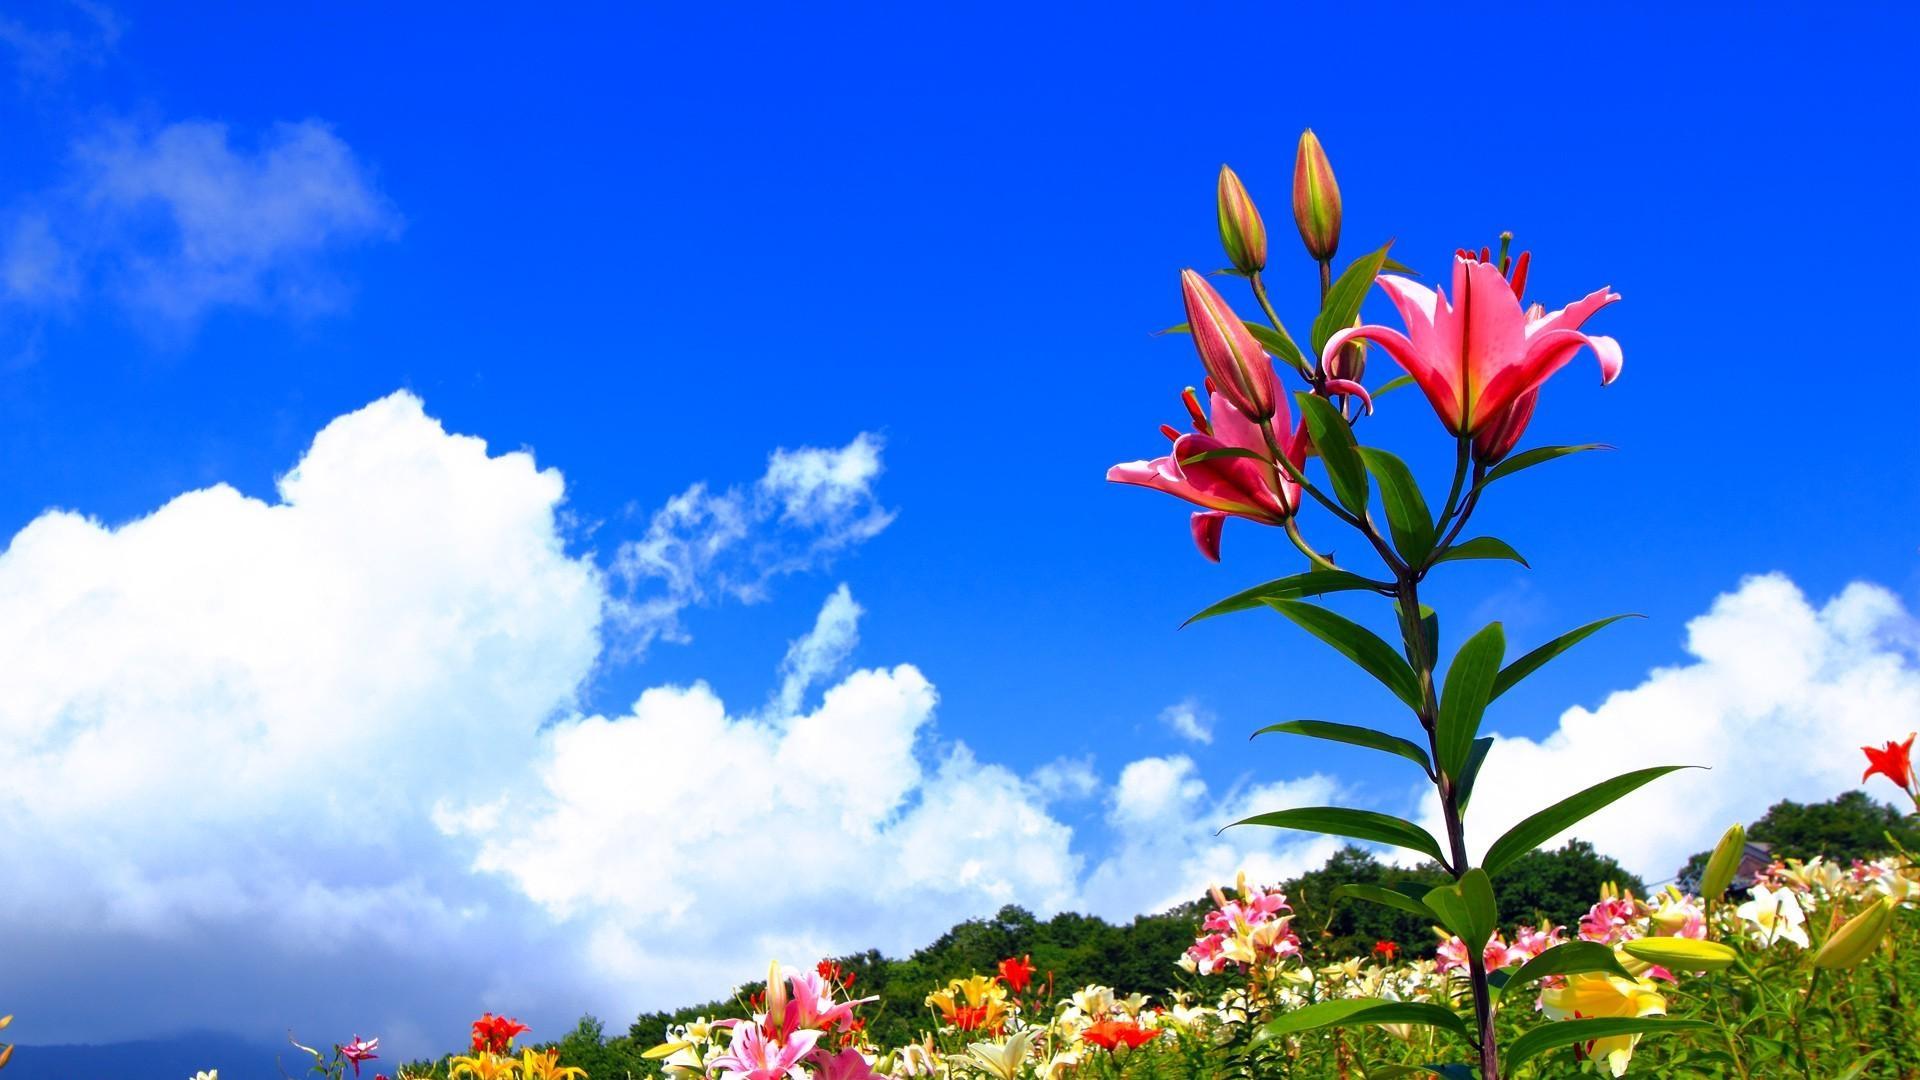 Эта картинка 66828, с разрешением 1152x864 на тему: арт, бабочки, landscape, радуга, nature, небо, цветы, настроение